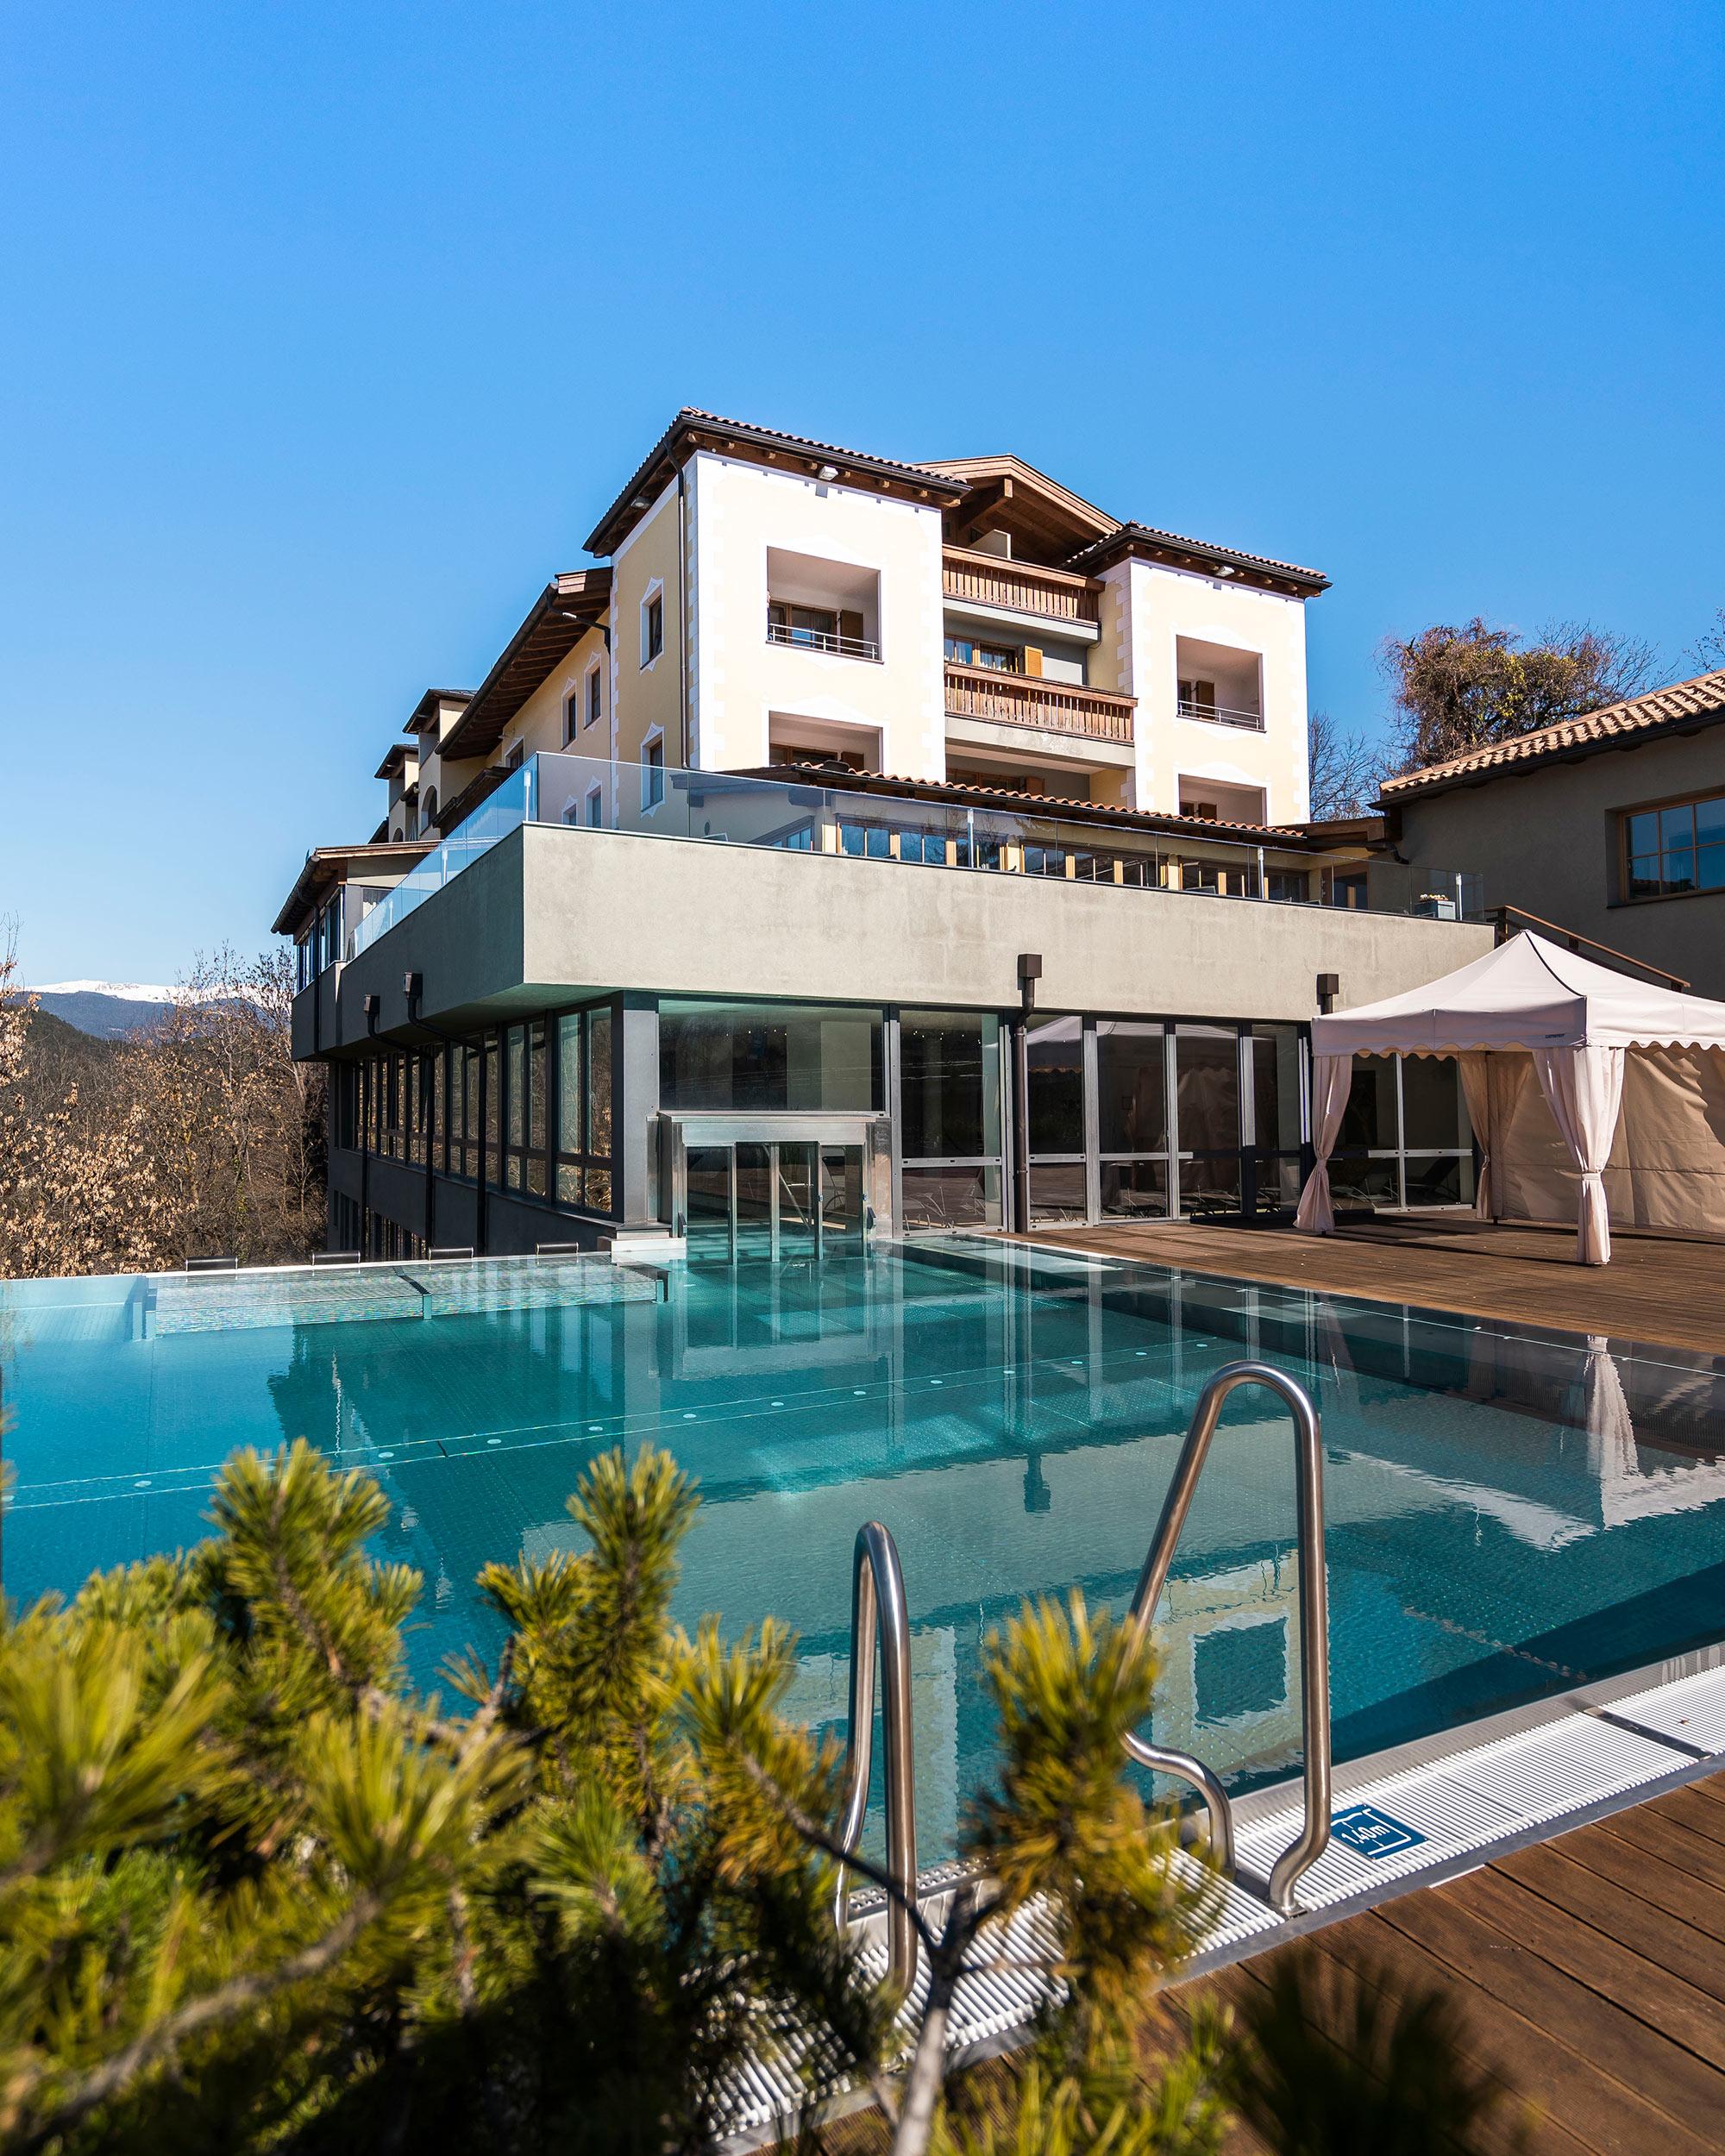 hotel_alpenflora_kastelruth_referenz_07